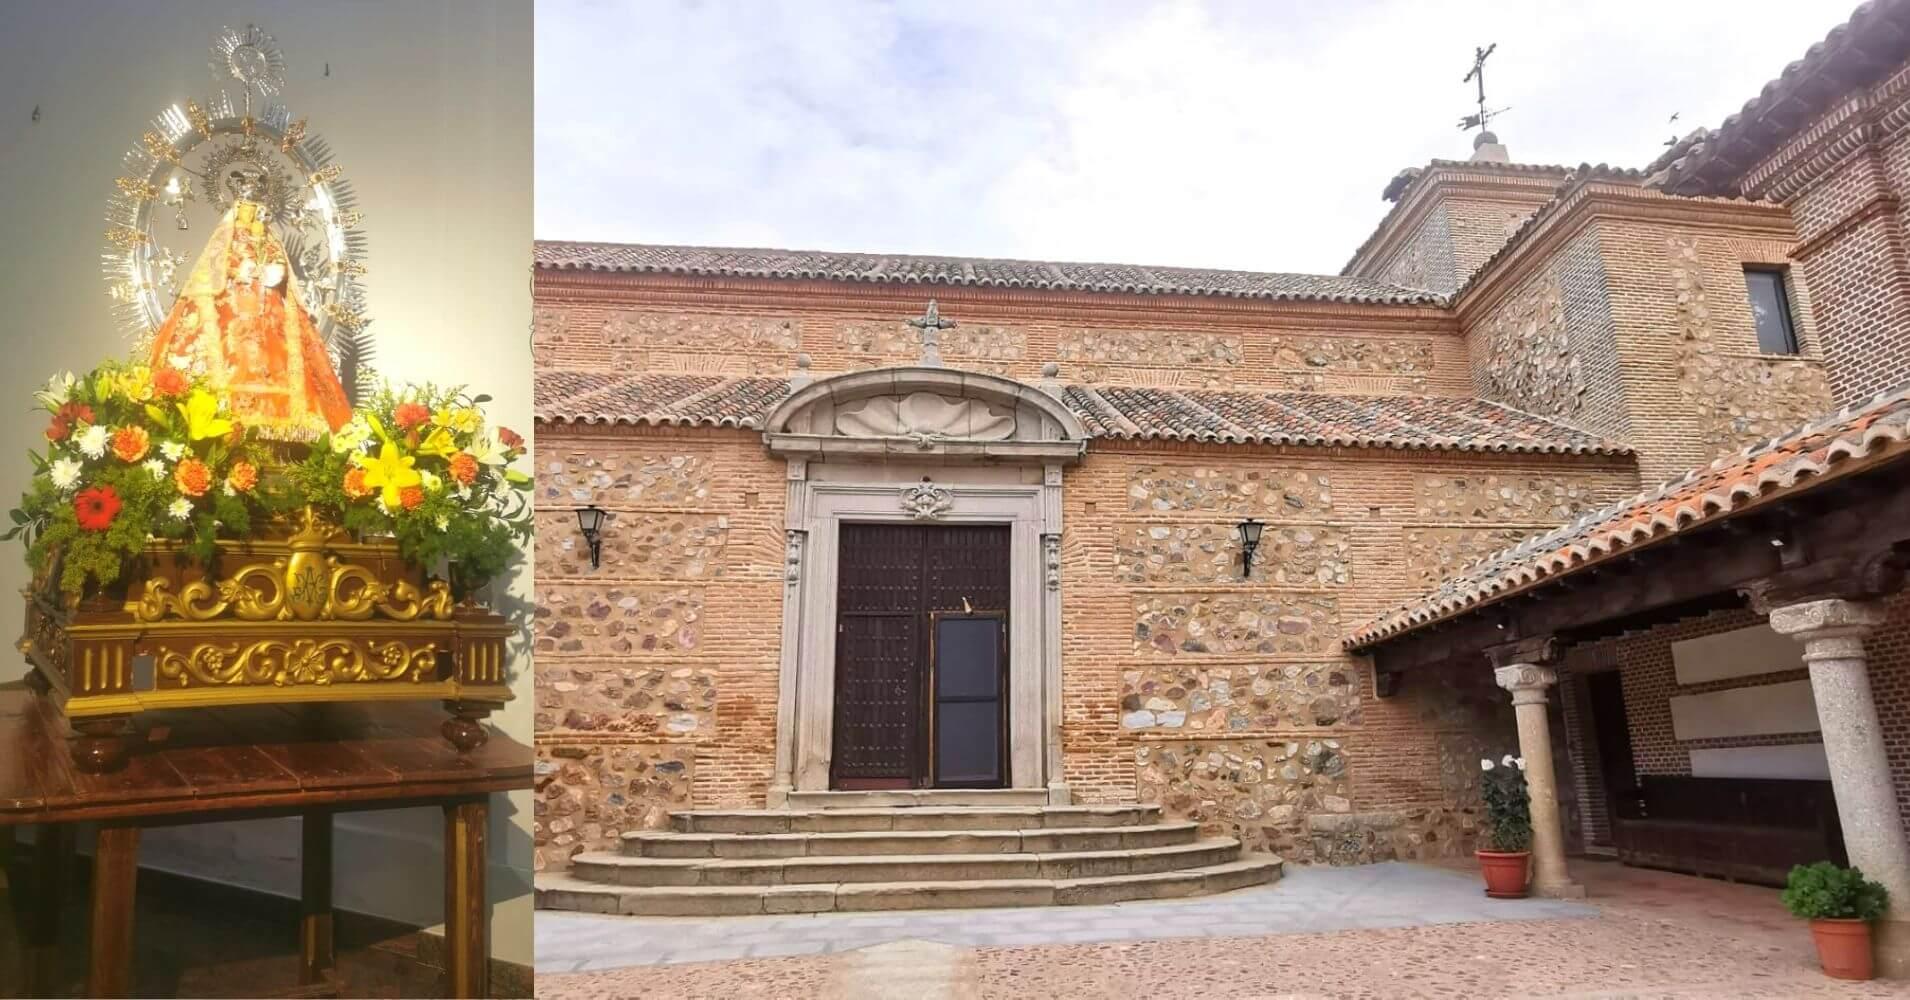 Ermita de la Virgen de la Oliva. Almonacid de Toledo. Castilla La Mancha.